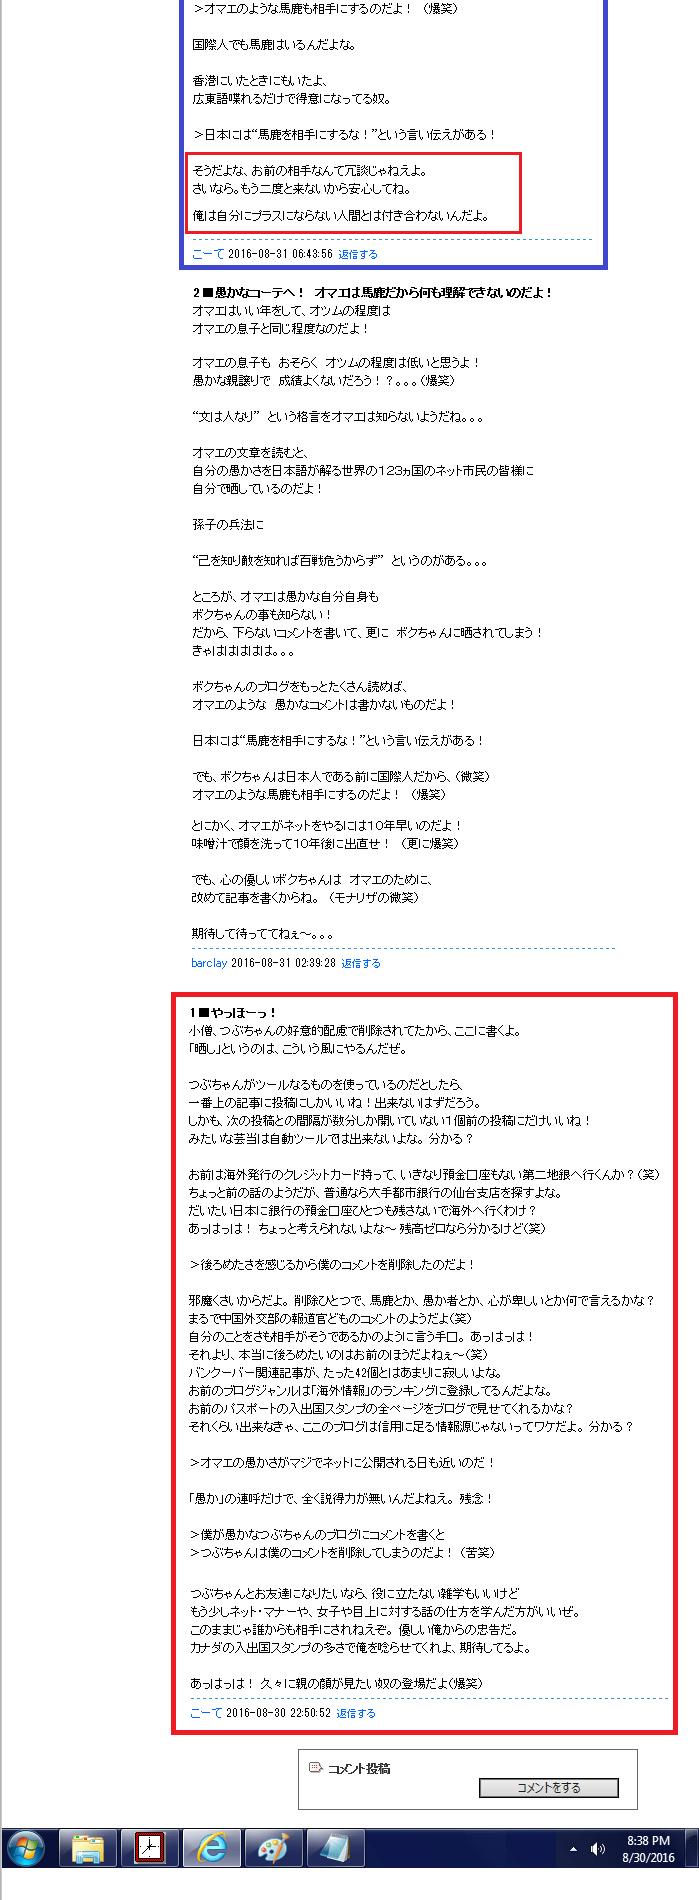 『つぶちゃんは愚かなスパマー』の記事についたコメント (PART 2)